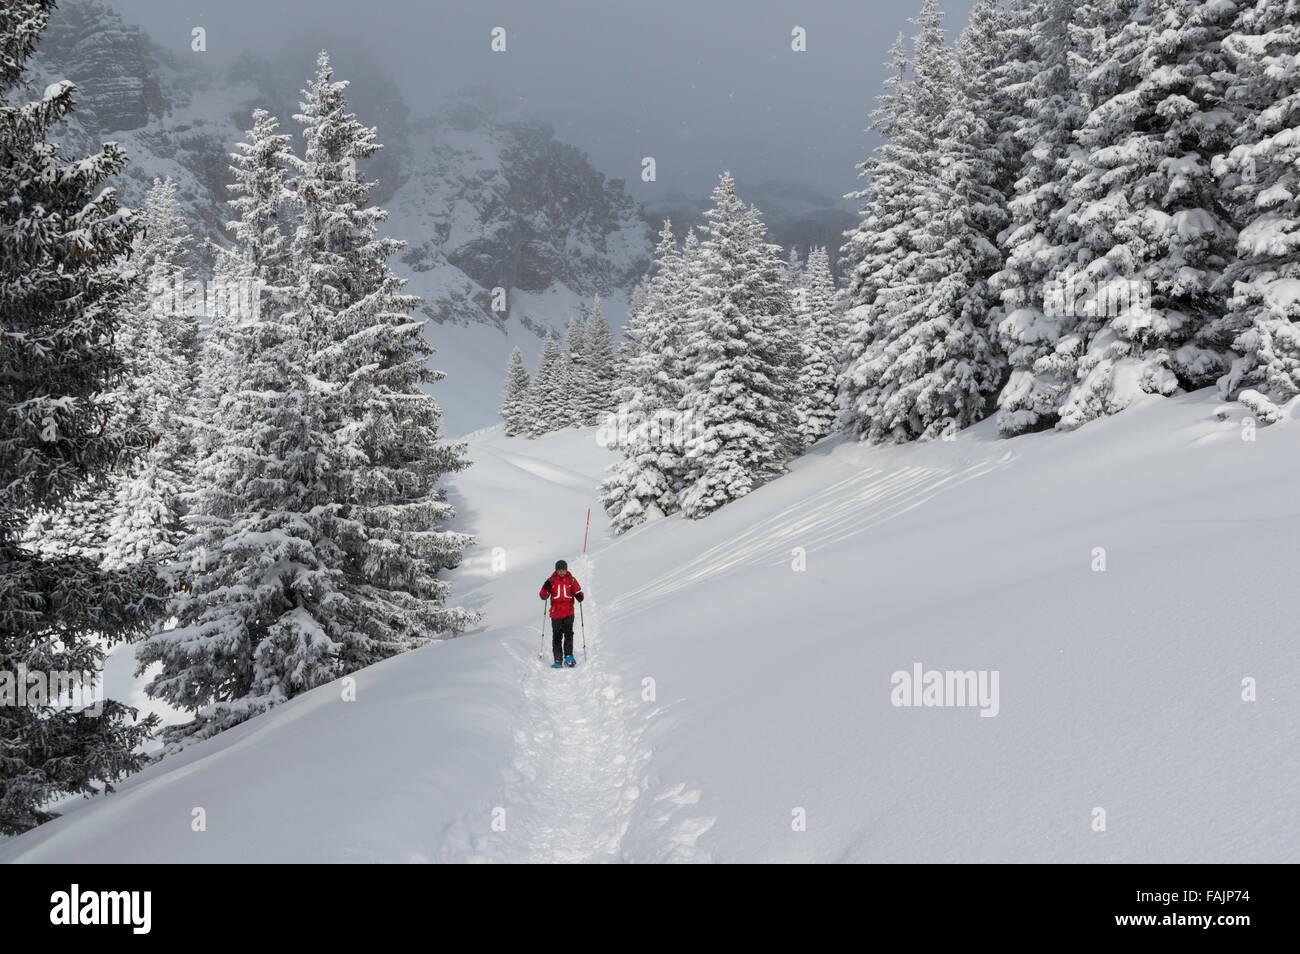 Le randonneur sur un sentier dans les Alpes suisses entre les arbres. Eggberge, Canton d'Uri, en Suisse. Photo Stock